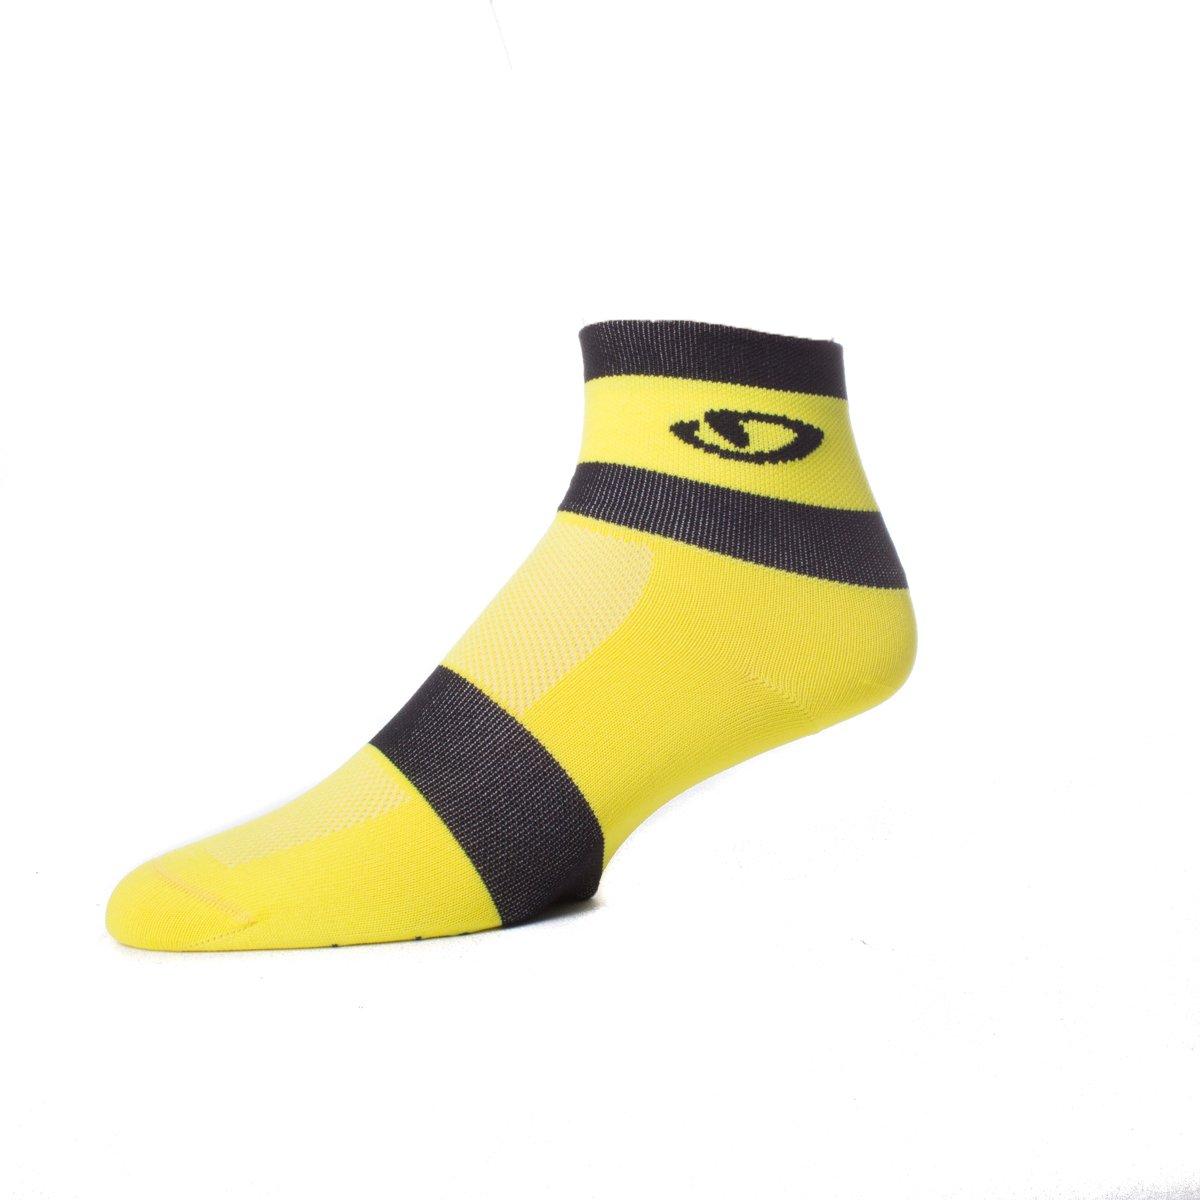 Giro Comp Racer Socks Highlight Yellow/Black, S - Men's